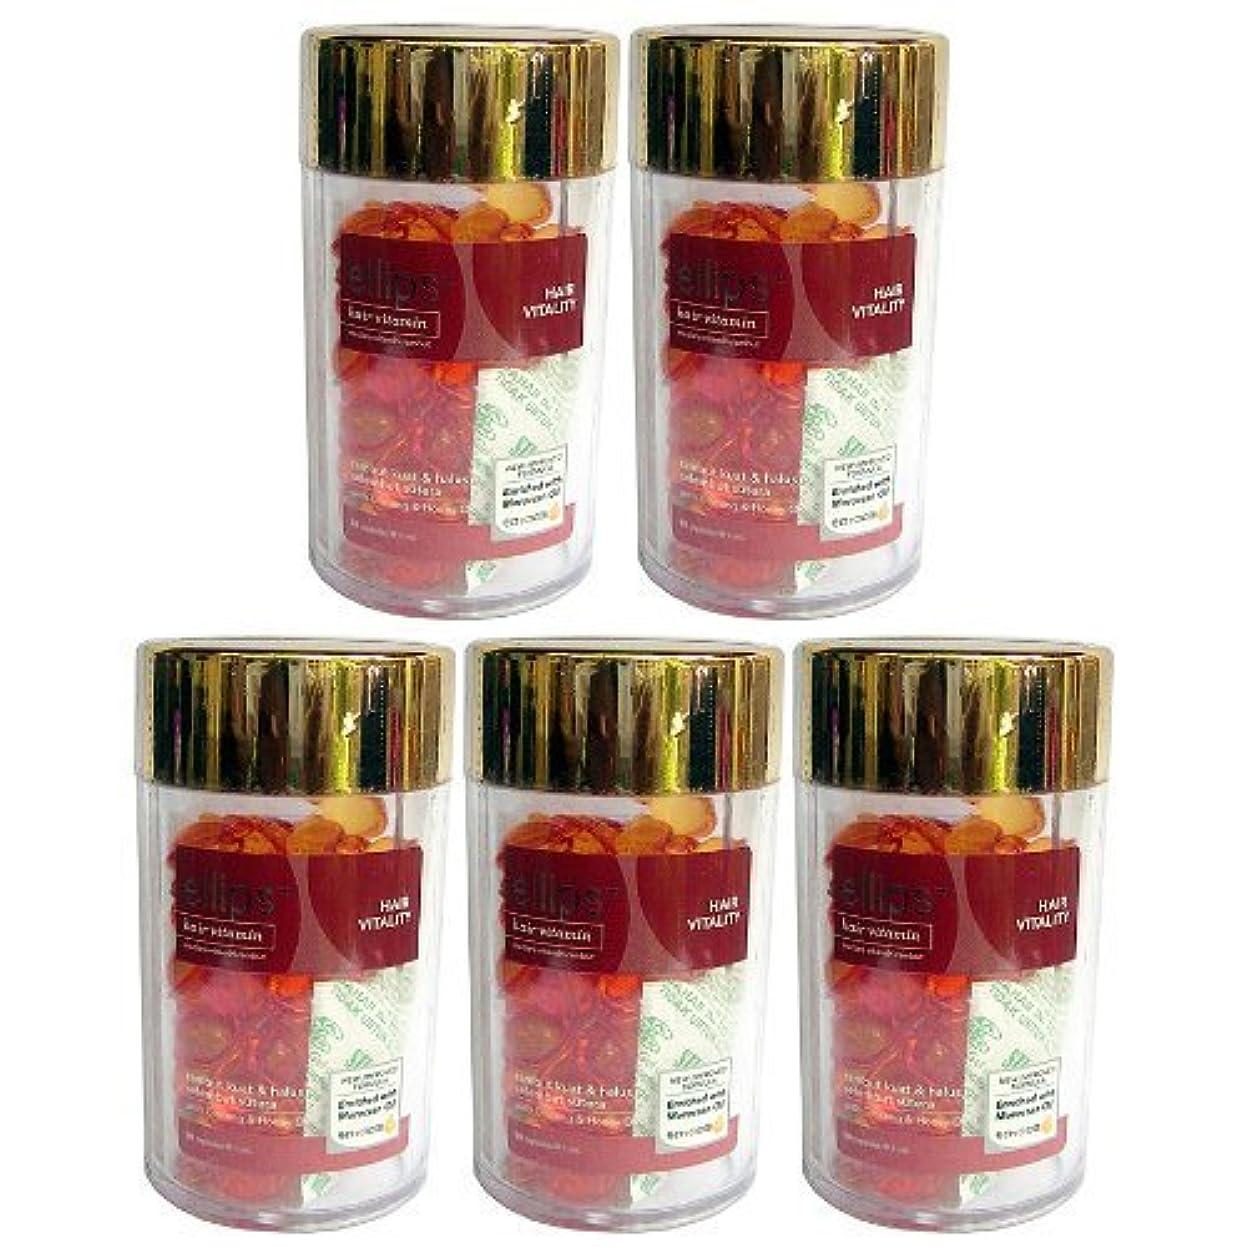 破裂ダース厳Ellips(エリプス)ヘアビタミン(50粒入)5個セット [並行輸入品][海外直送品] ブラウン